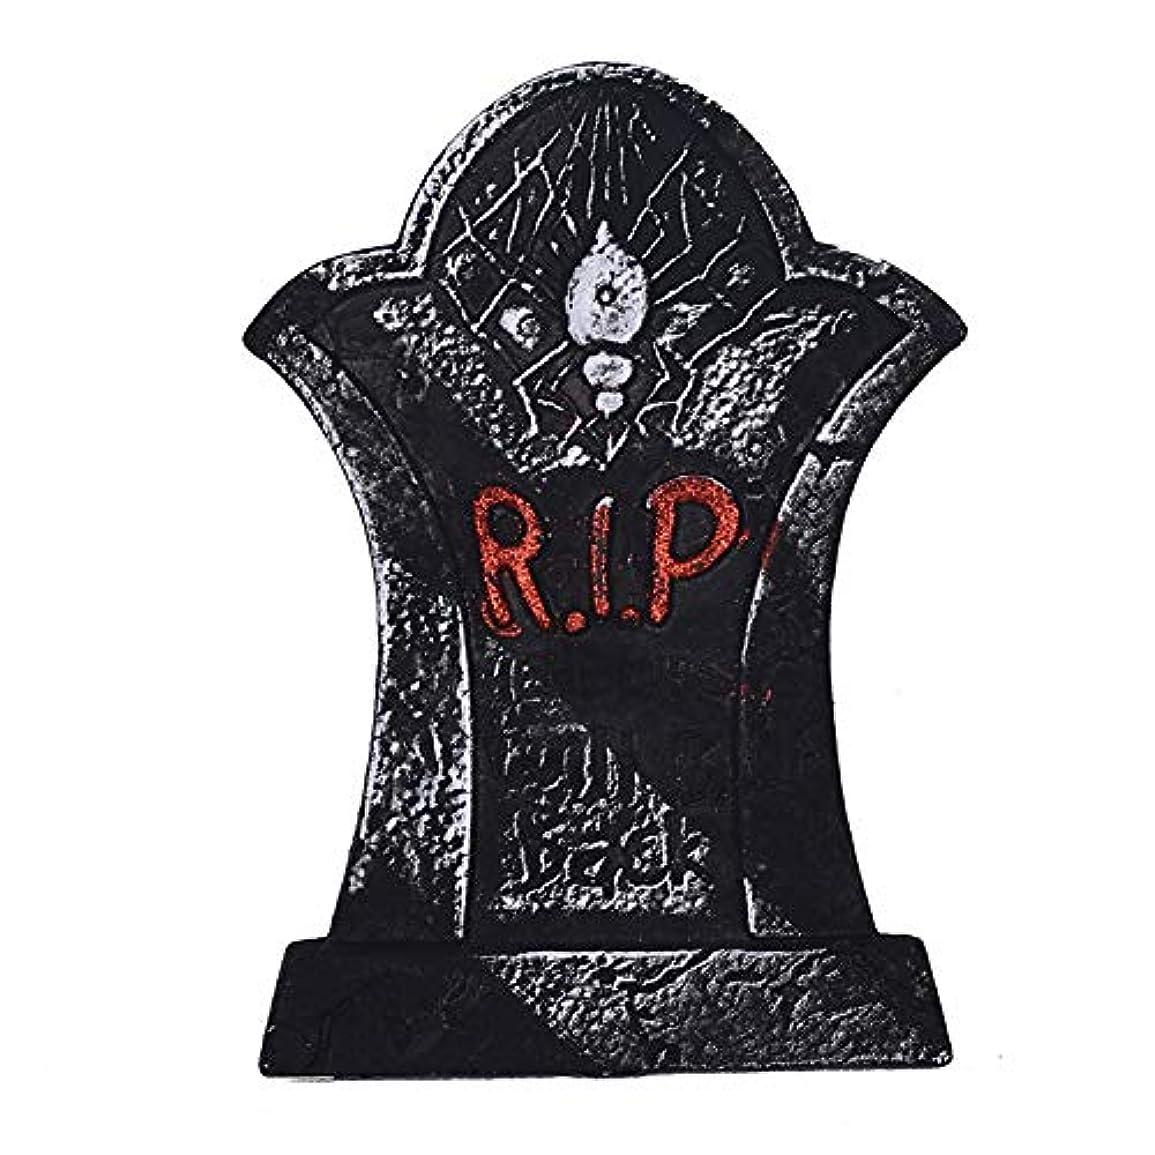 シュガーより多い島ETRRUU HOME ハロウィーンの三次元墓石タトゥーショップ装飾バーお化け屋敷の秘密の部屋怖い怖い装飾小道具